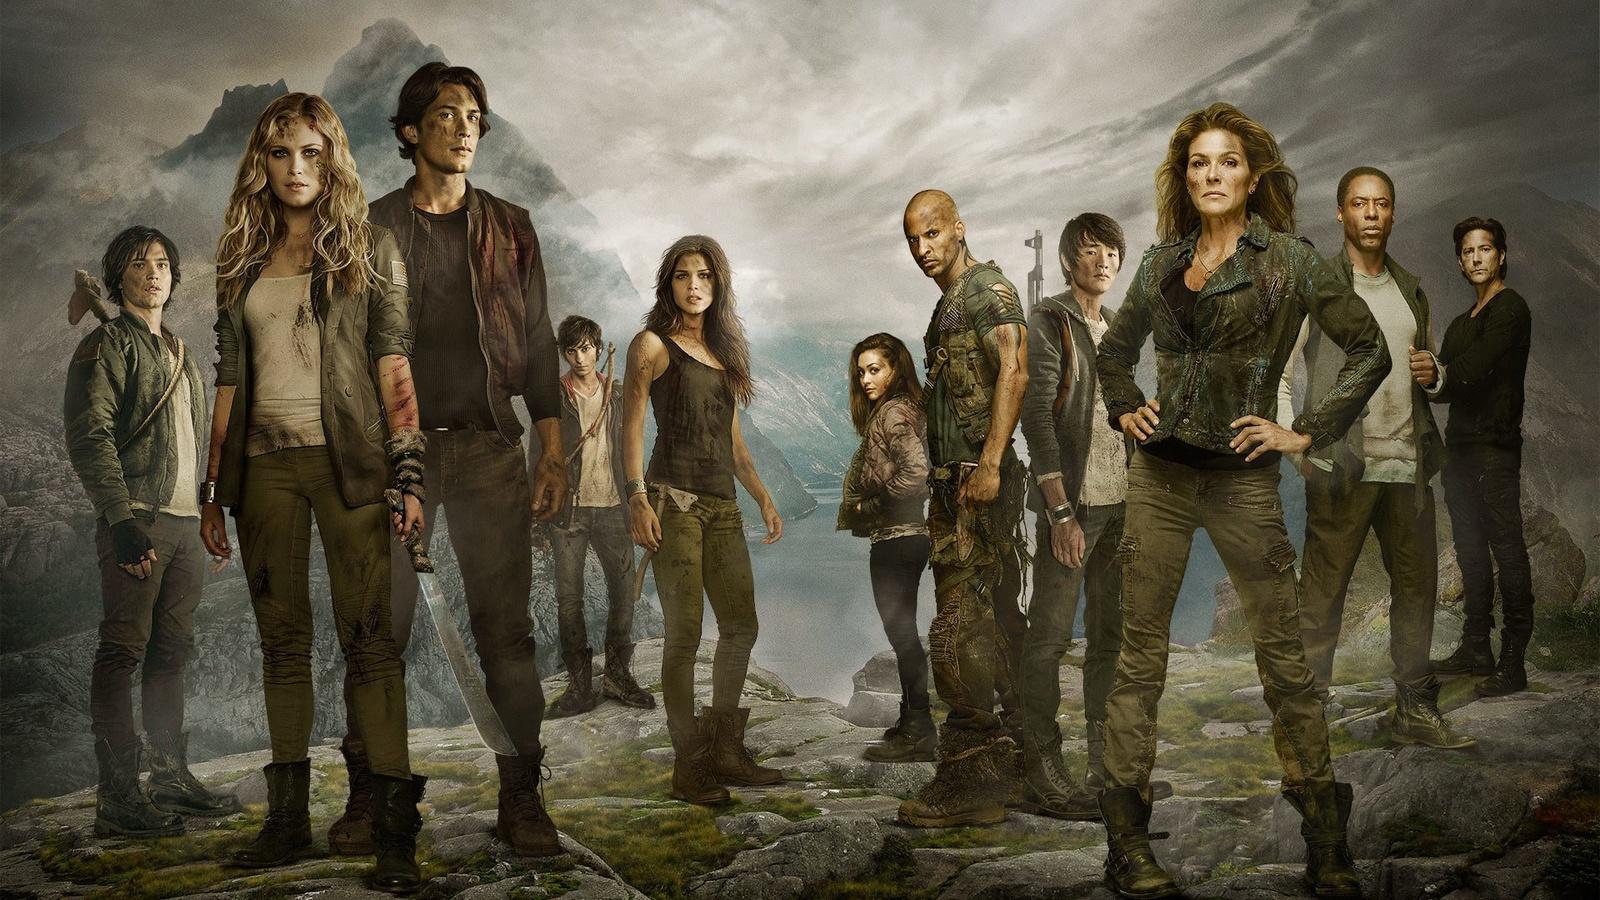 Сериал сотня 1 сезон скачать через торрент.